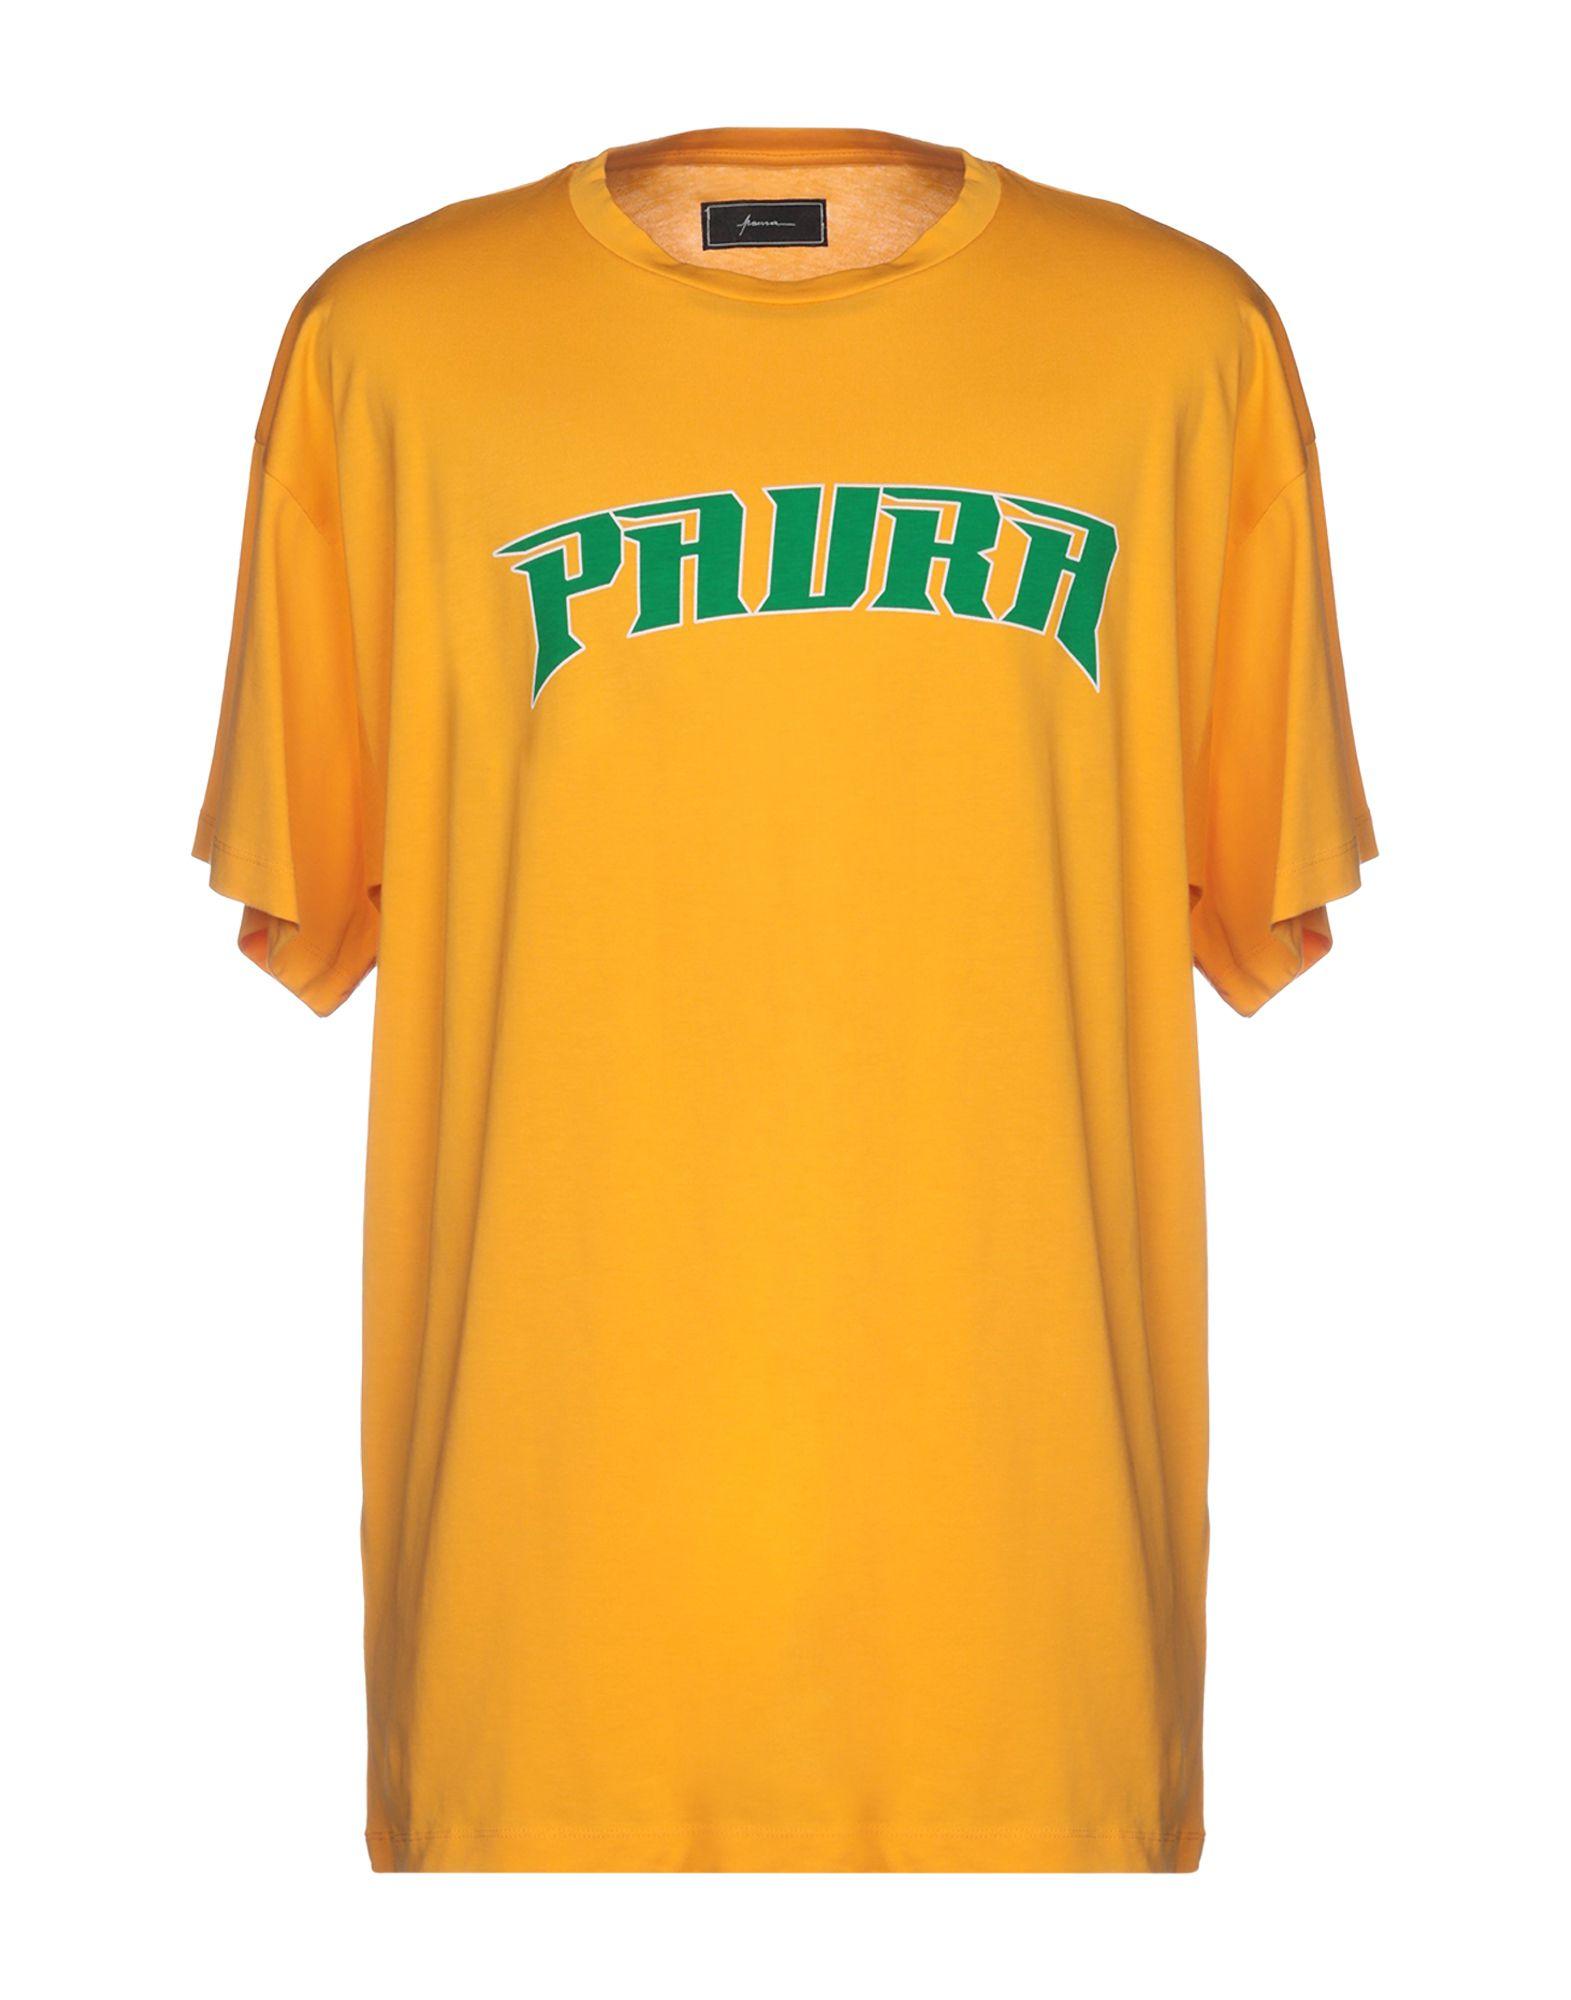 Paura T-shirt